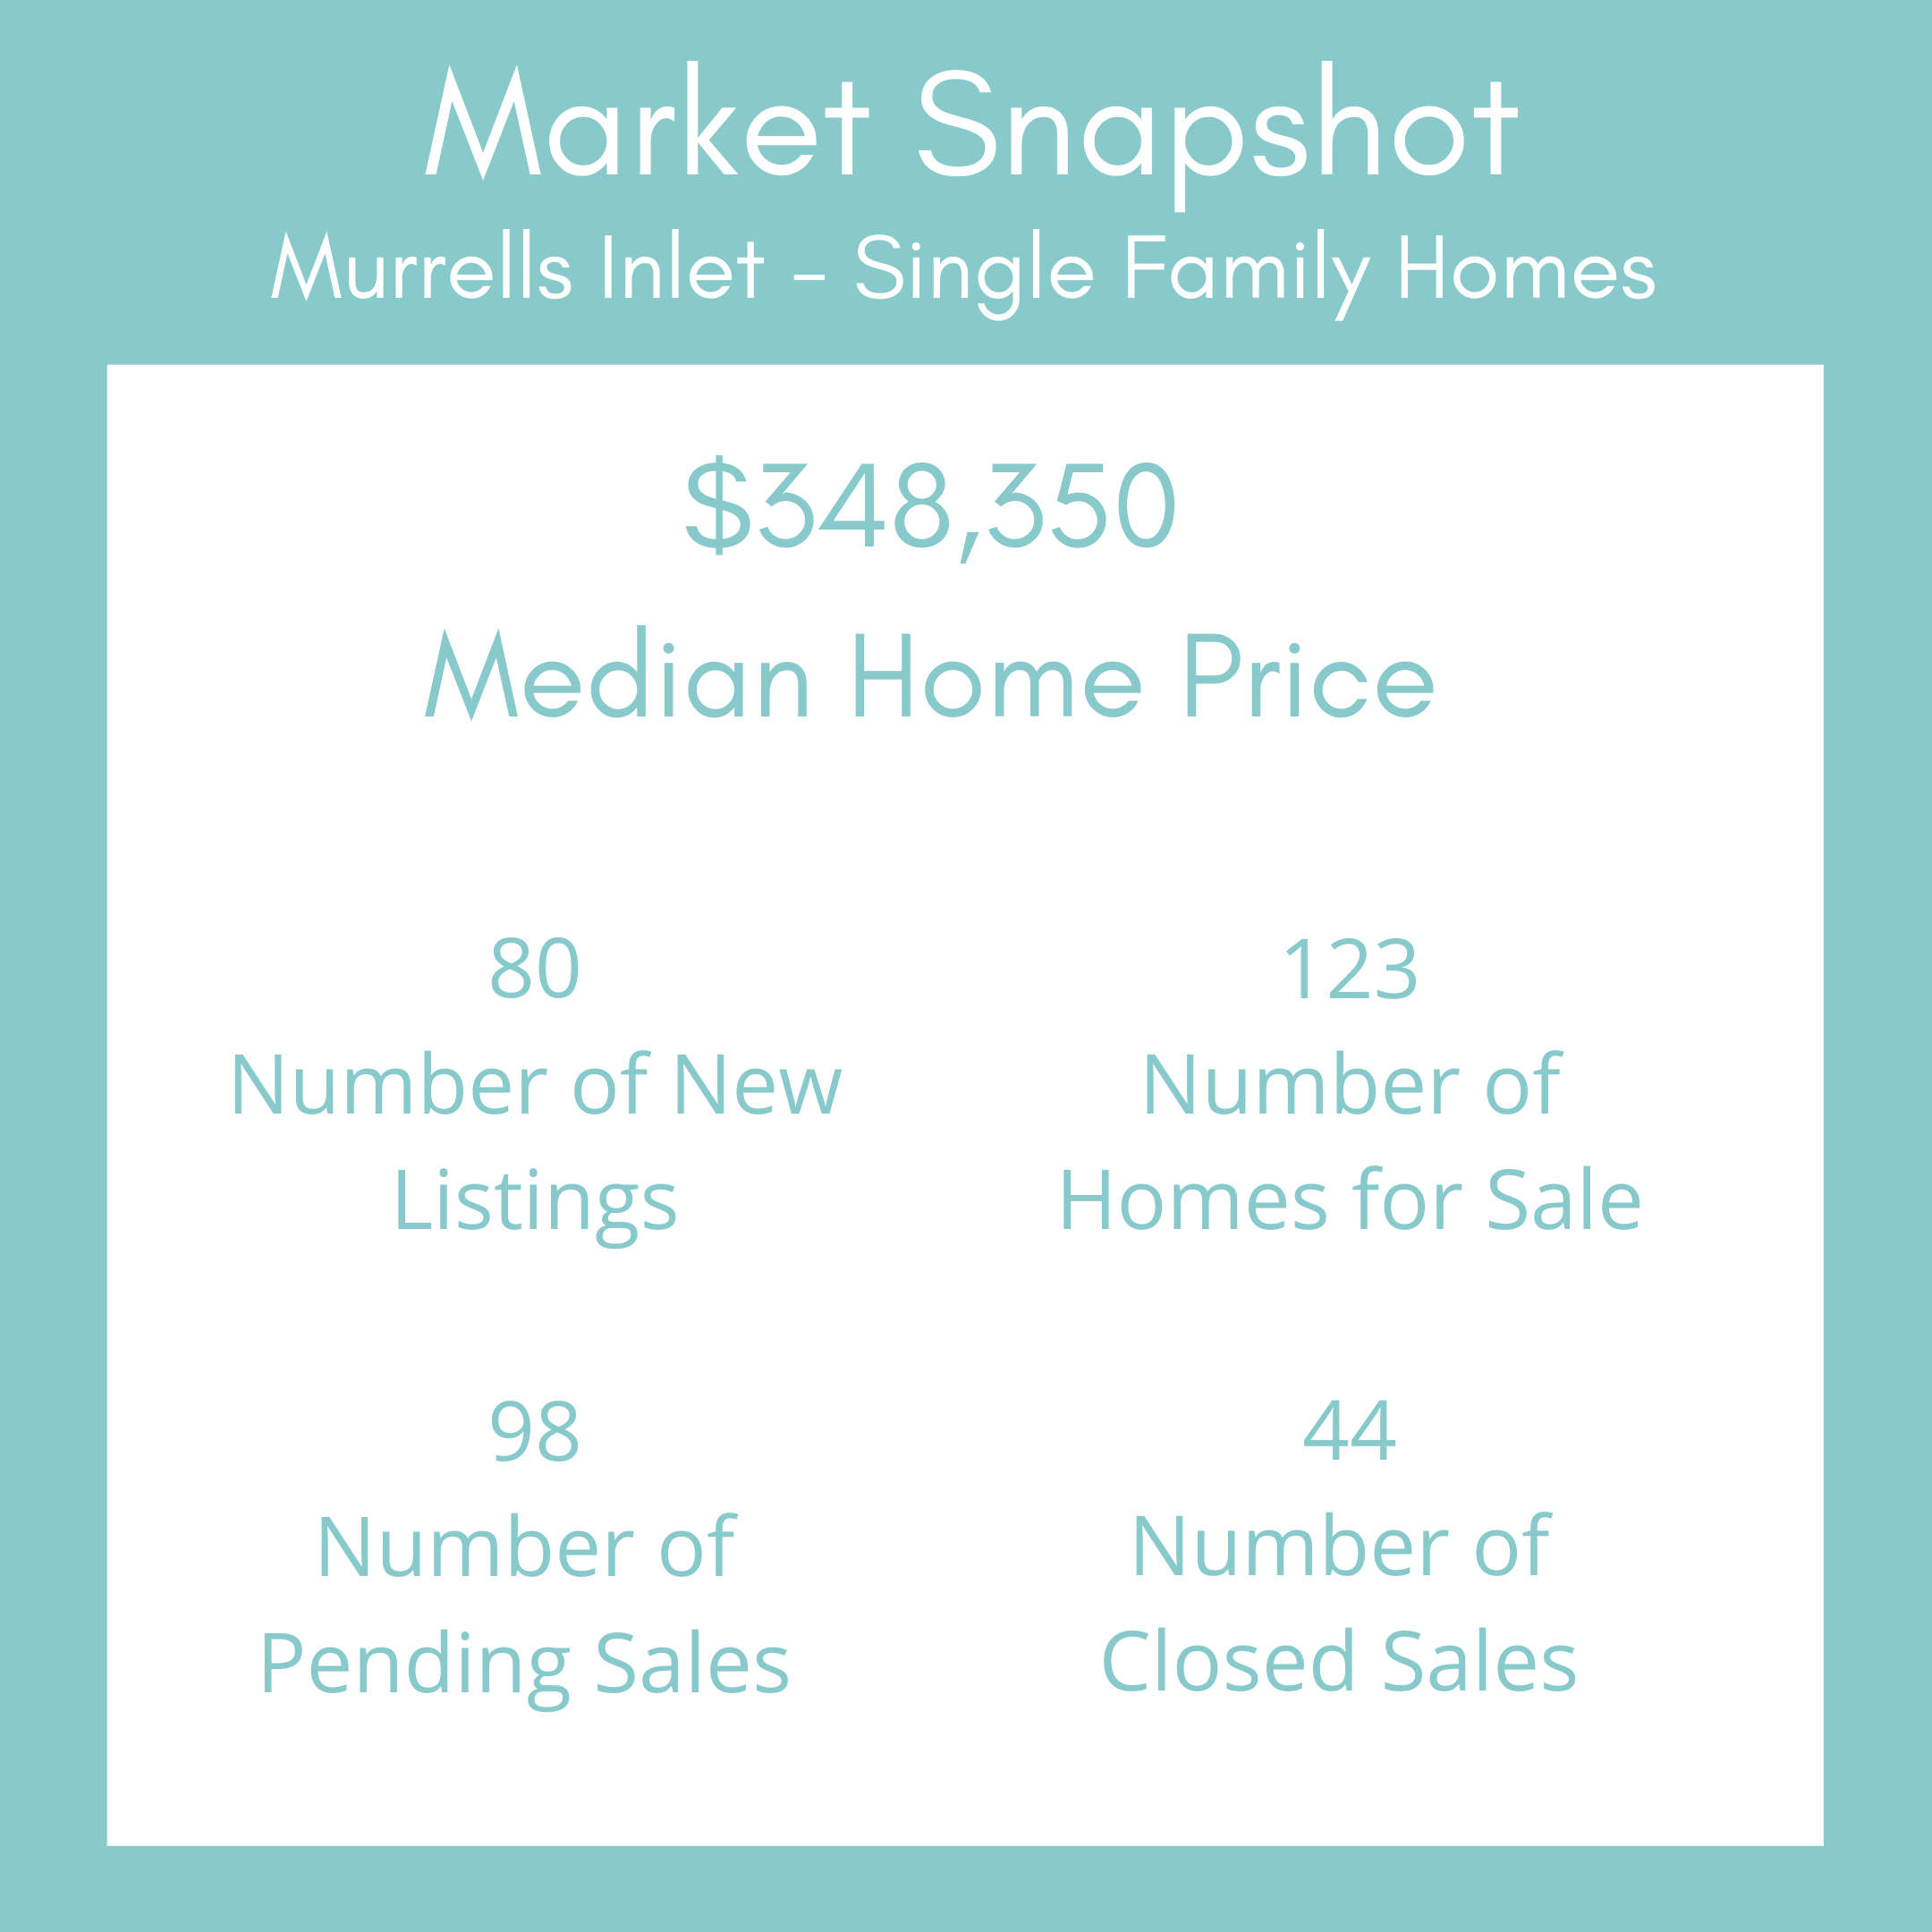 Market Snapshot Template - Murrells Inlet SFH Feb 2021